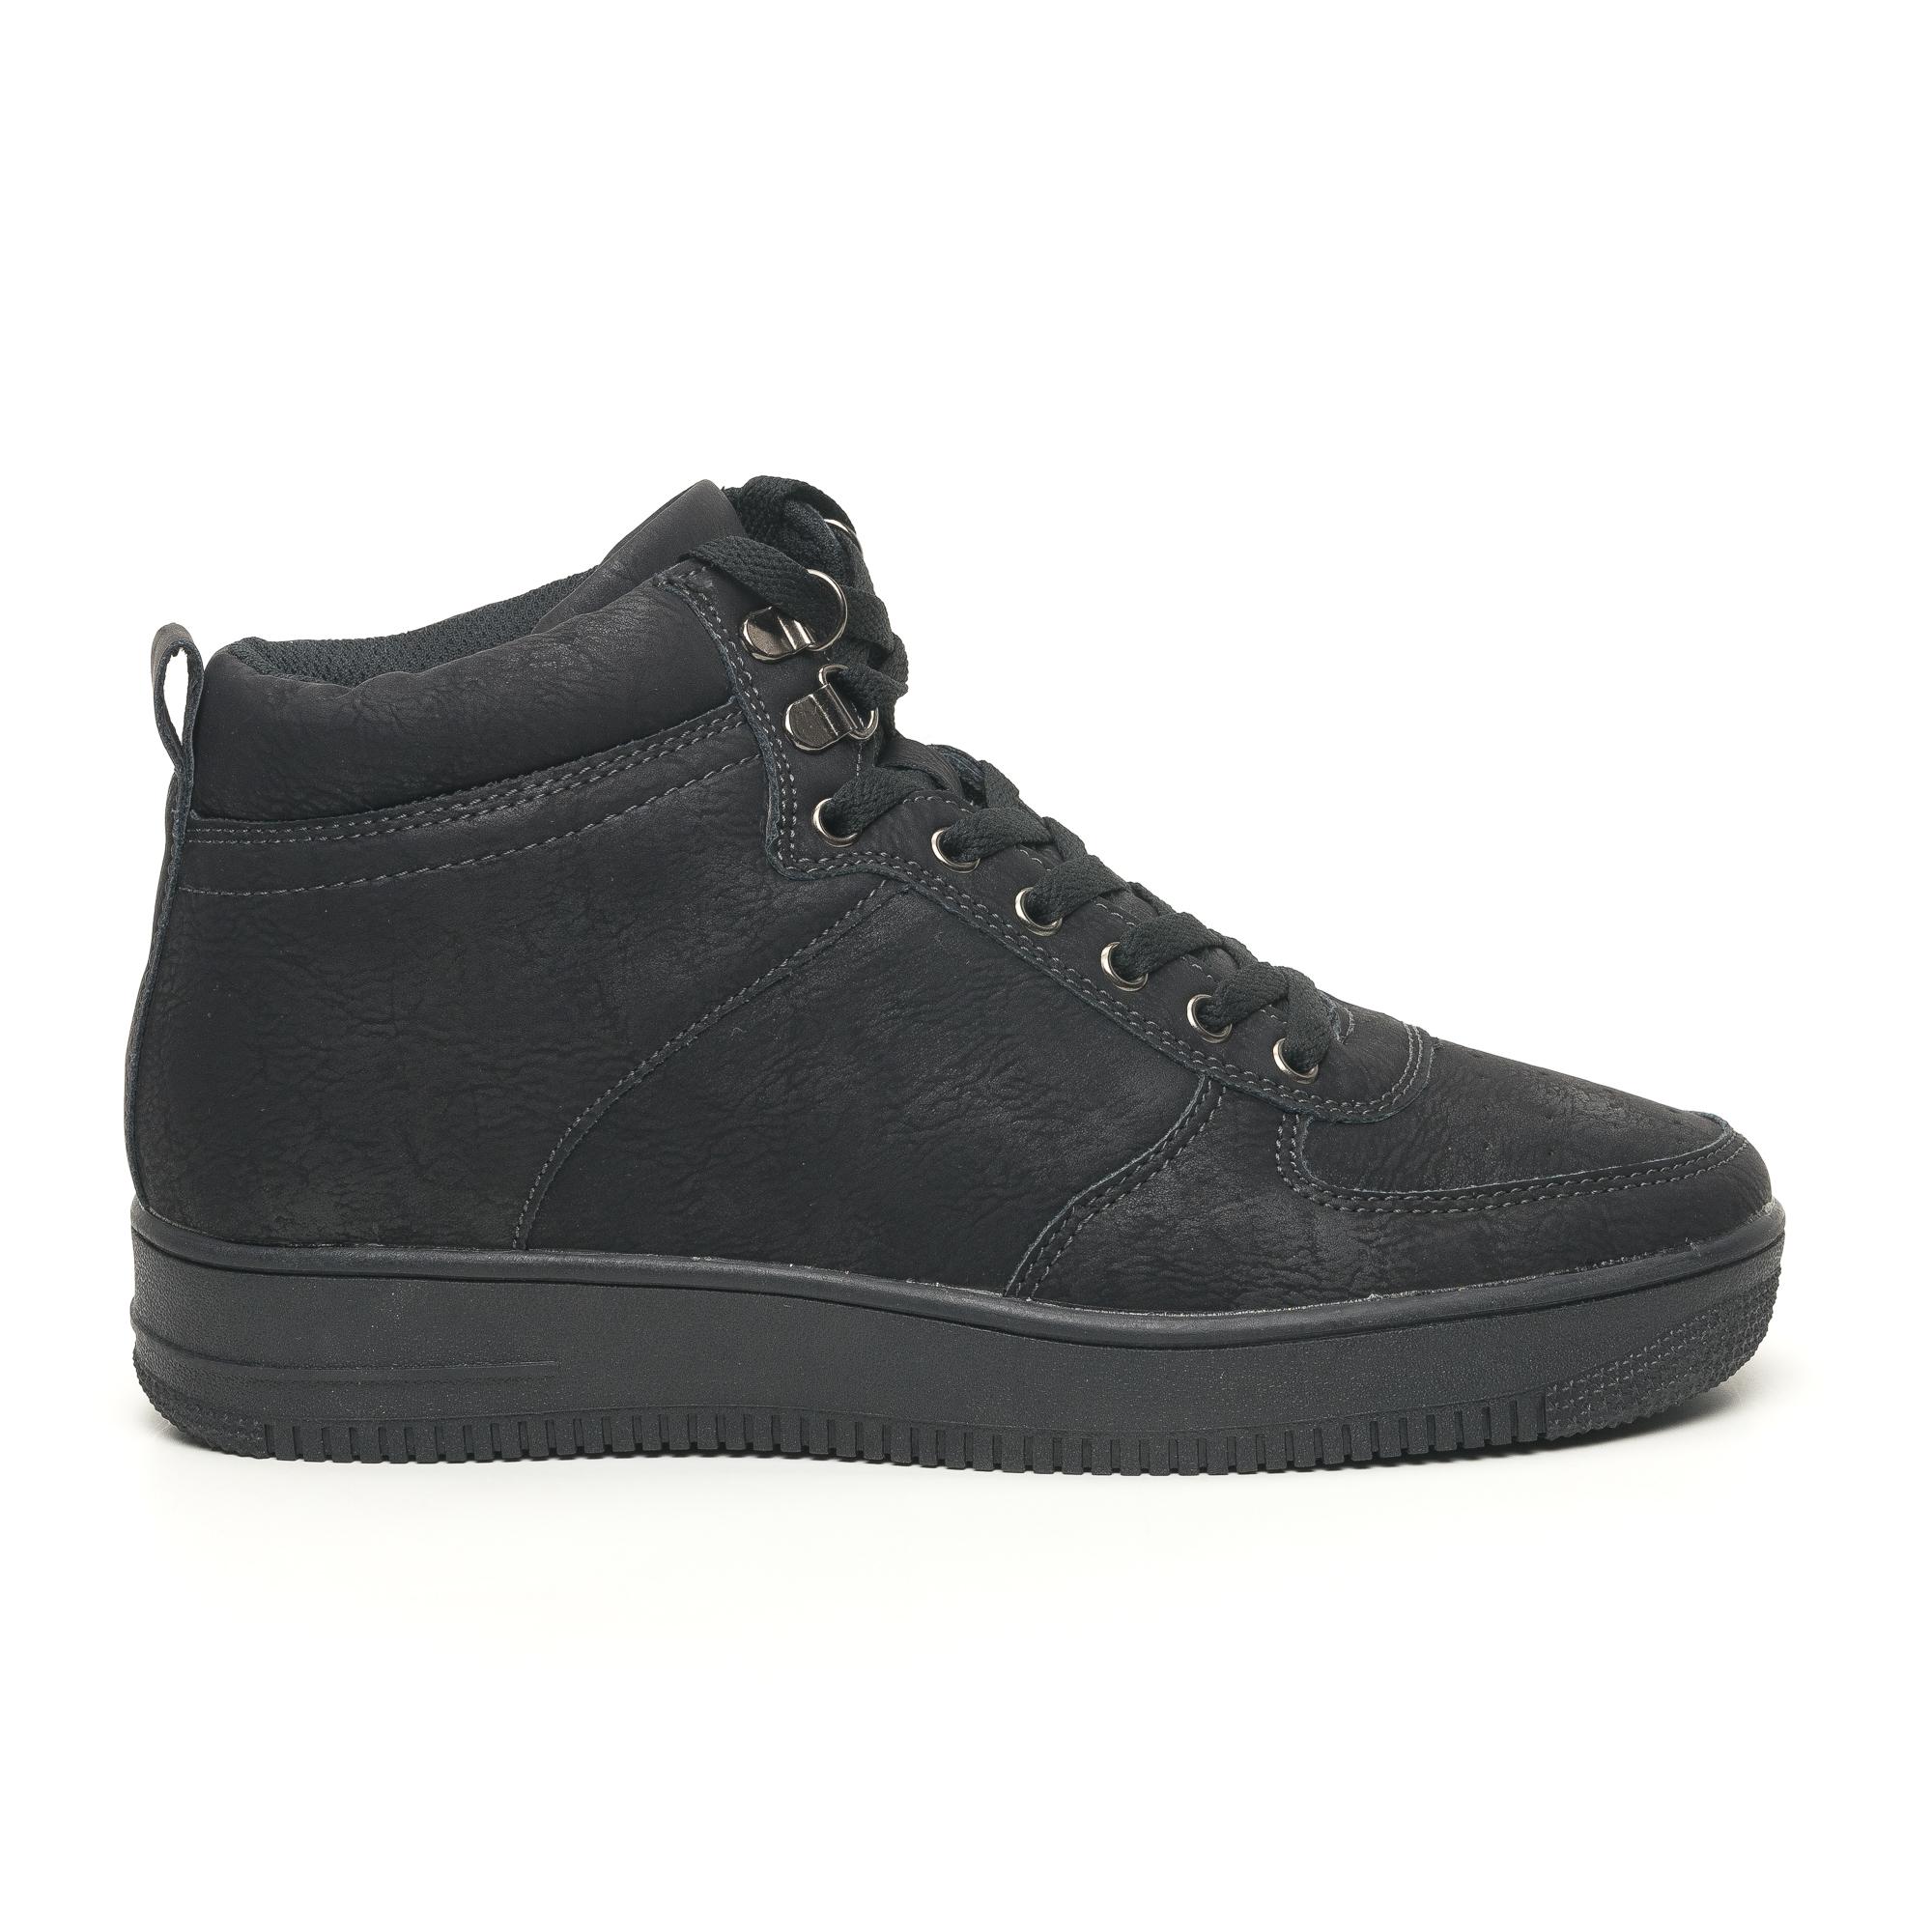 Ανδρικά ψηλά μαύρα sneakers τύπου μποτάκια